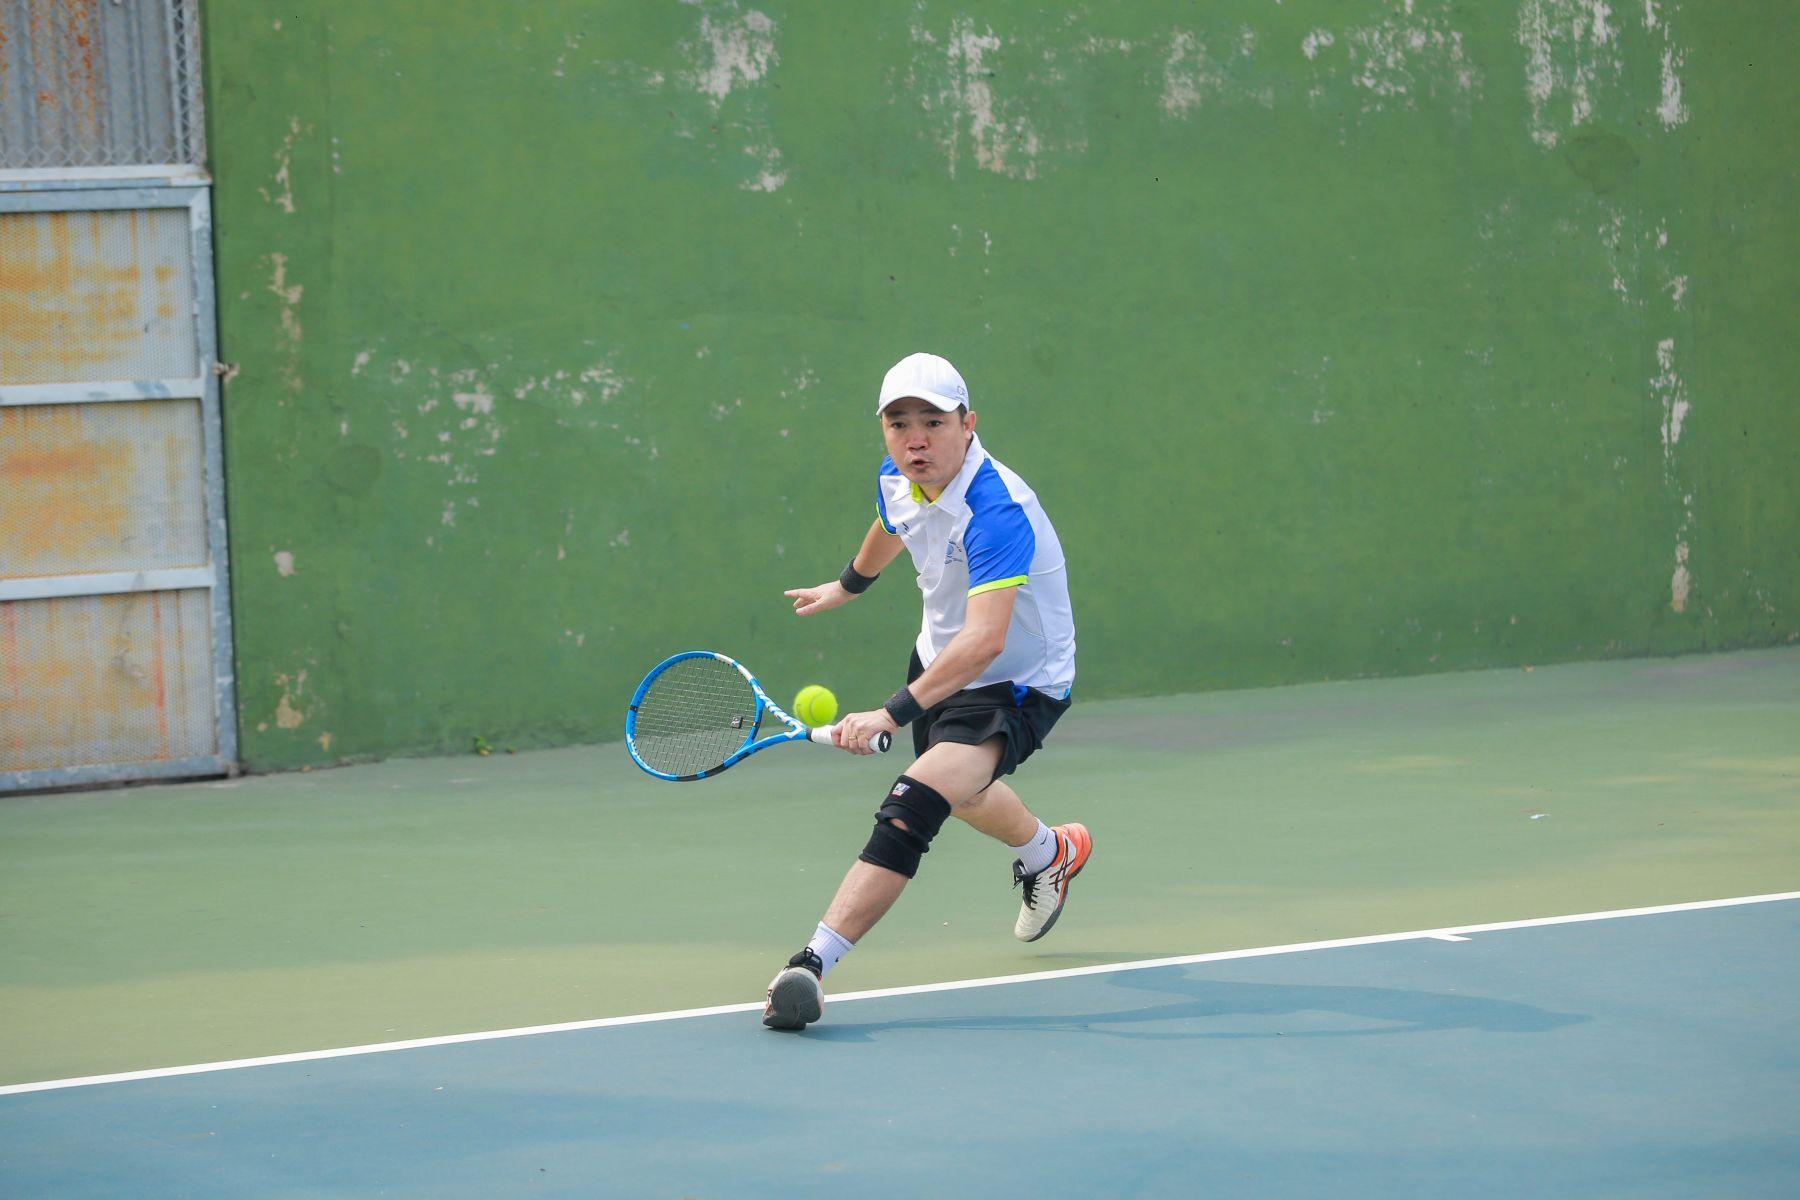 Học kỹ năng đánh tennis cơ bản tại TP Hồ Chí Minh